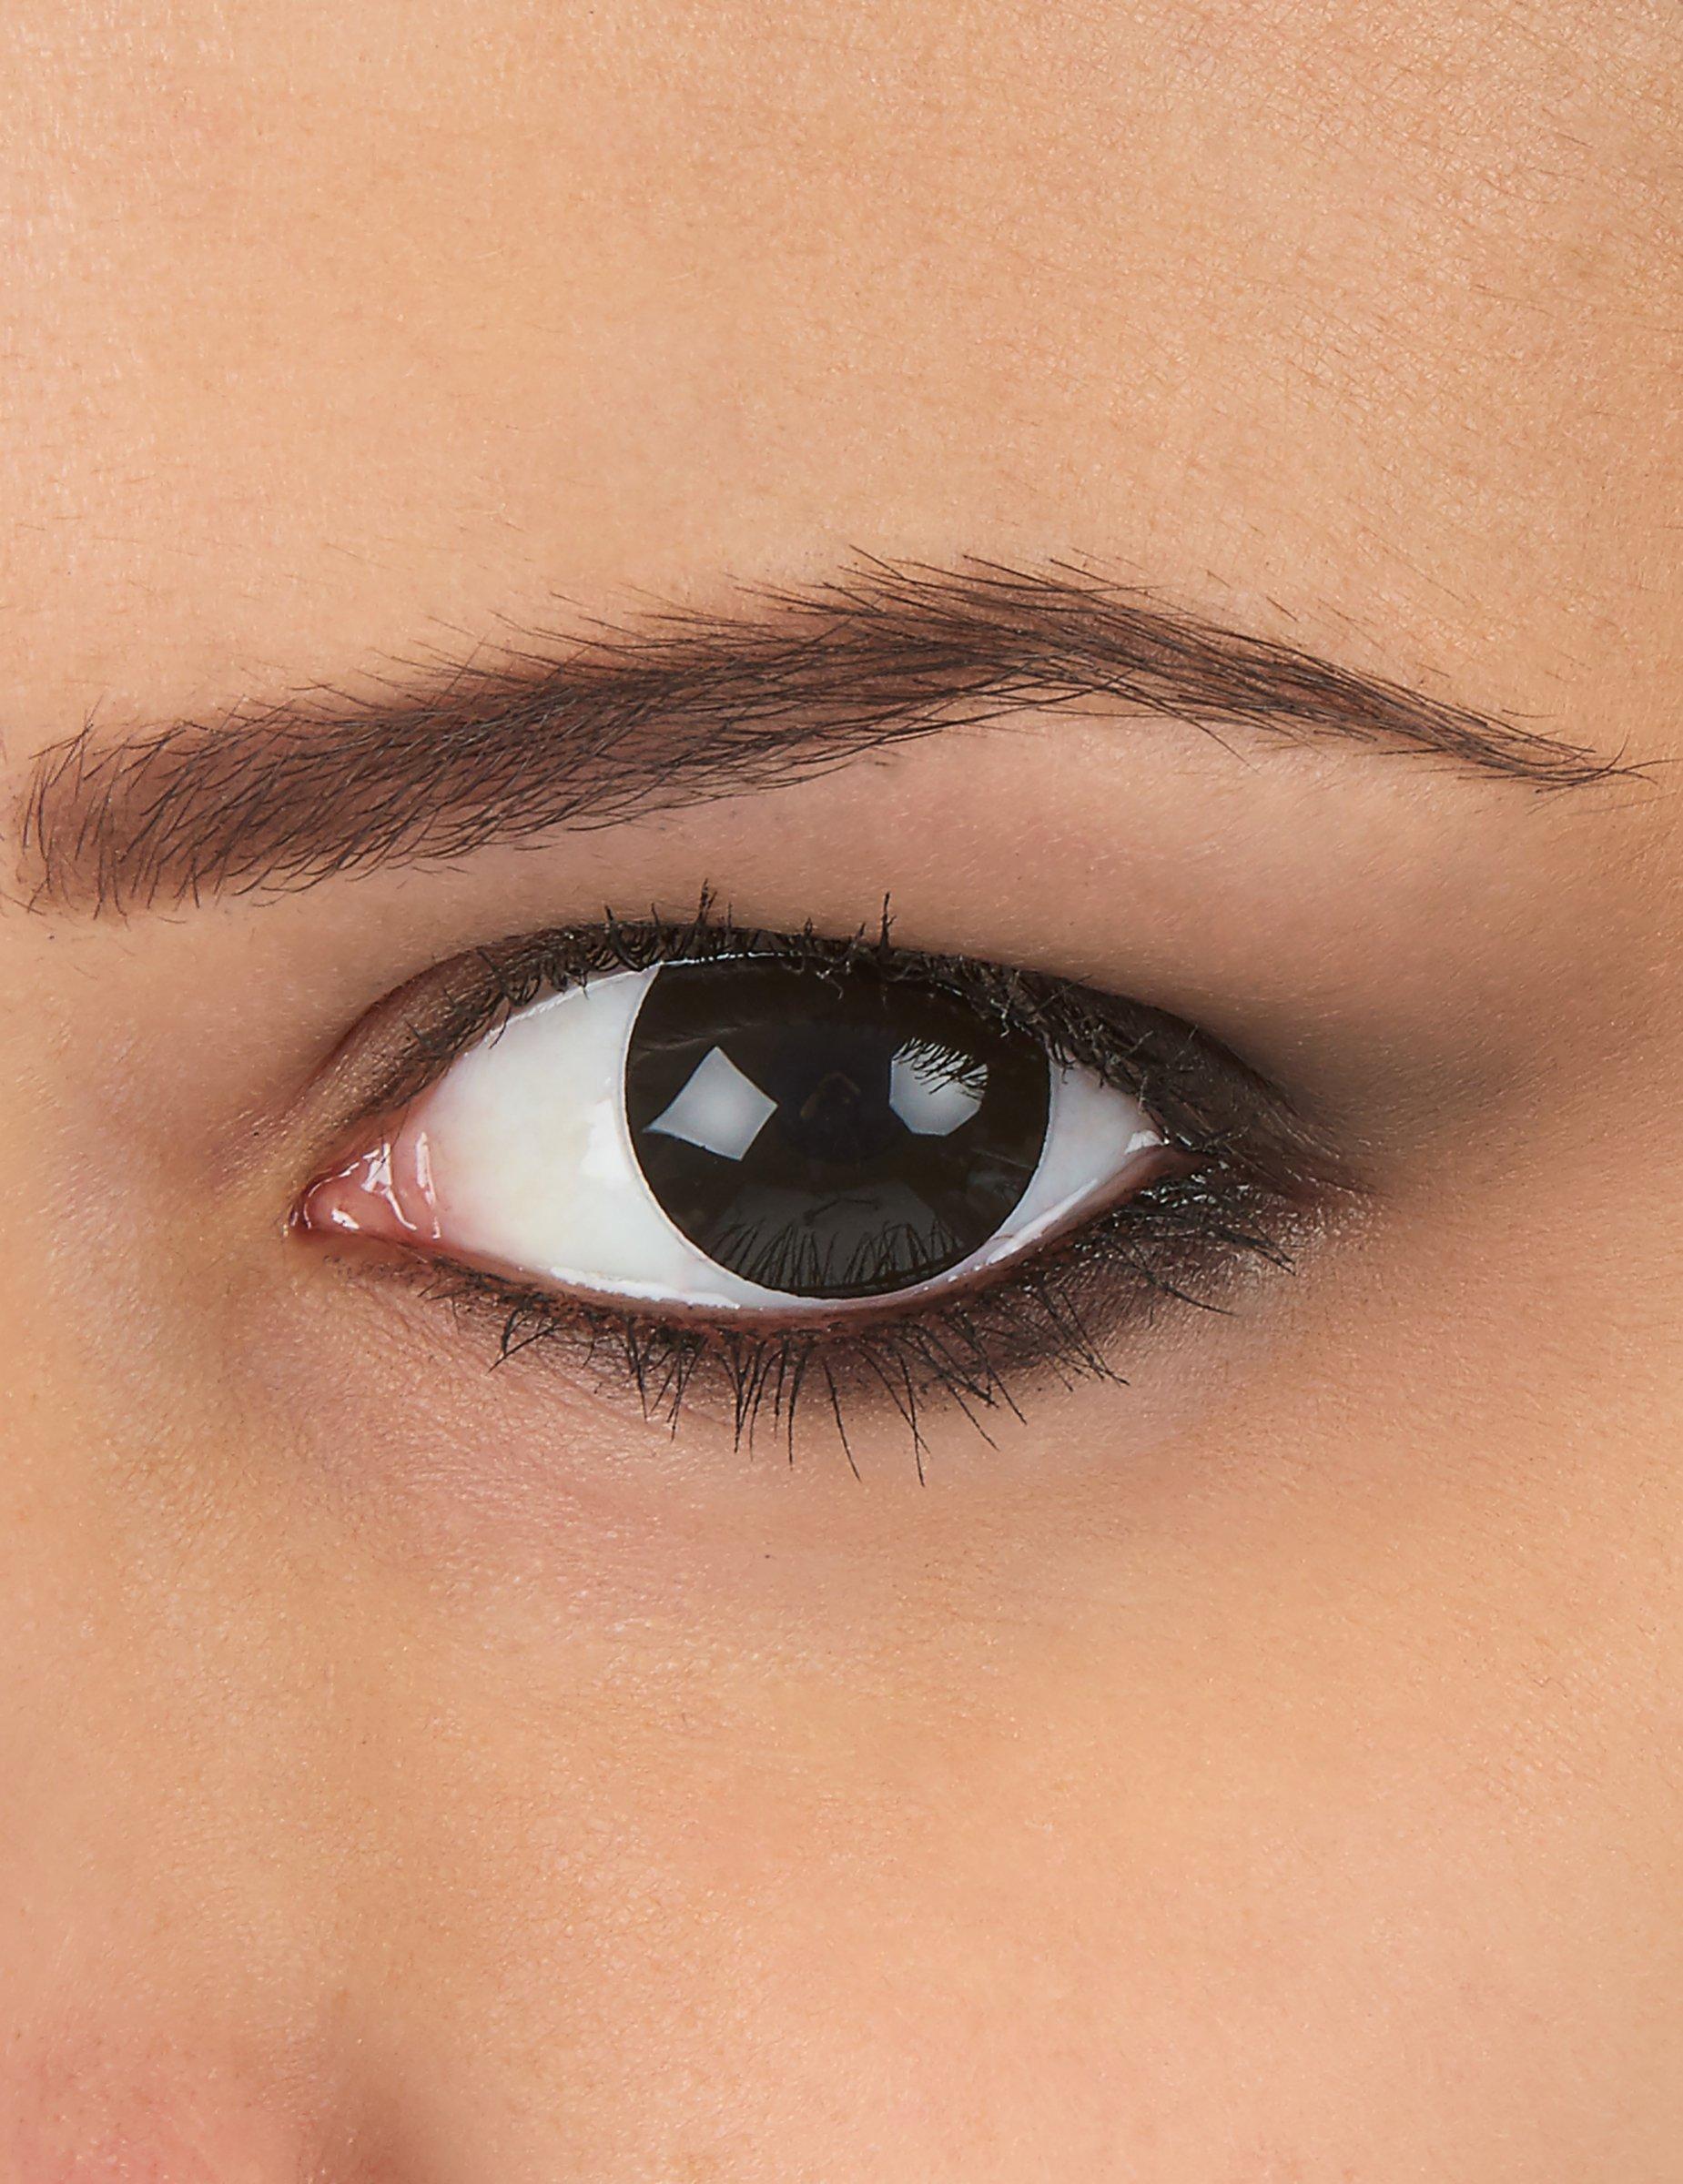 zwarte ogen contactlenzen schminken goedkope